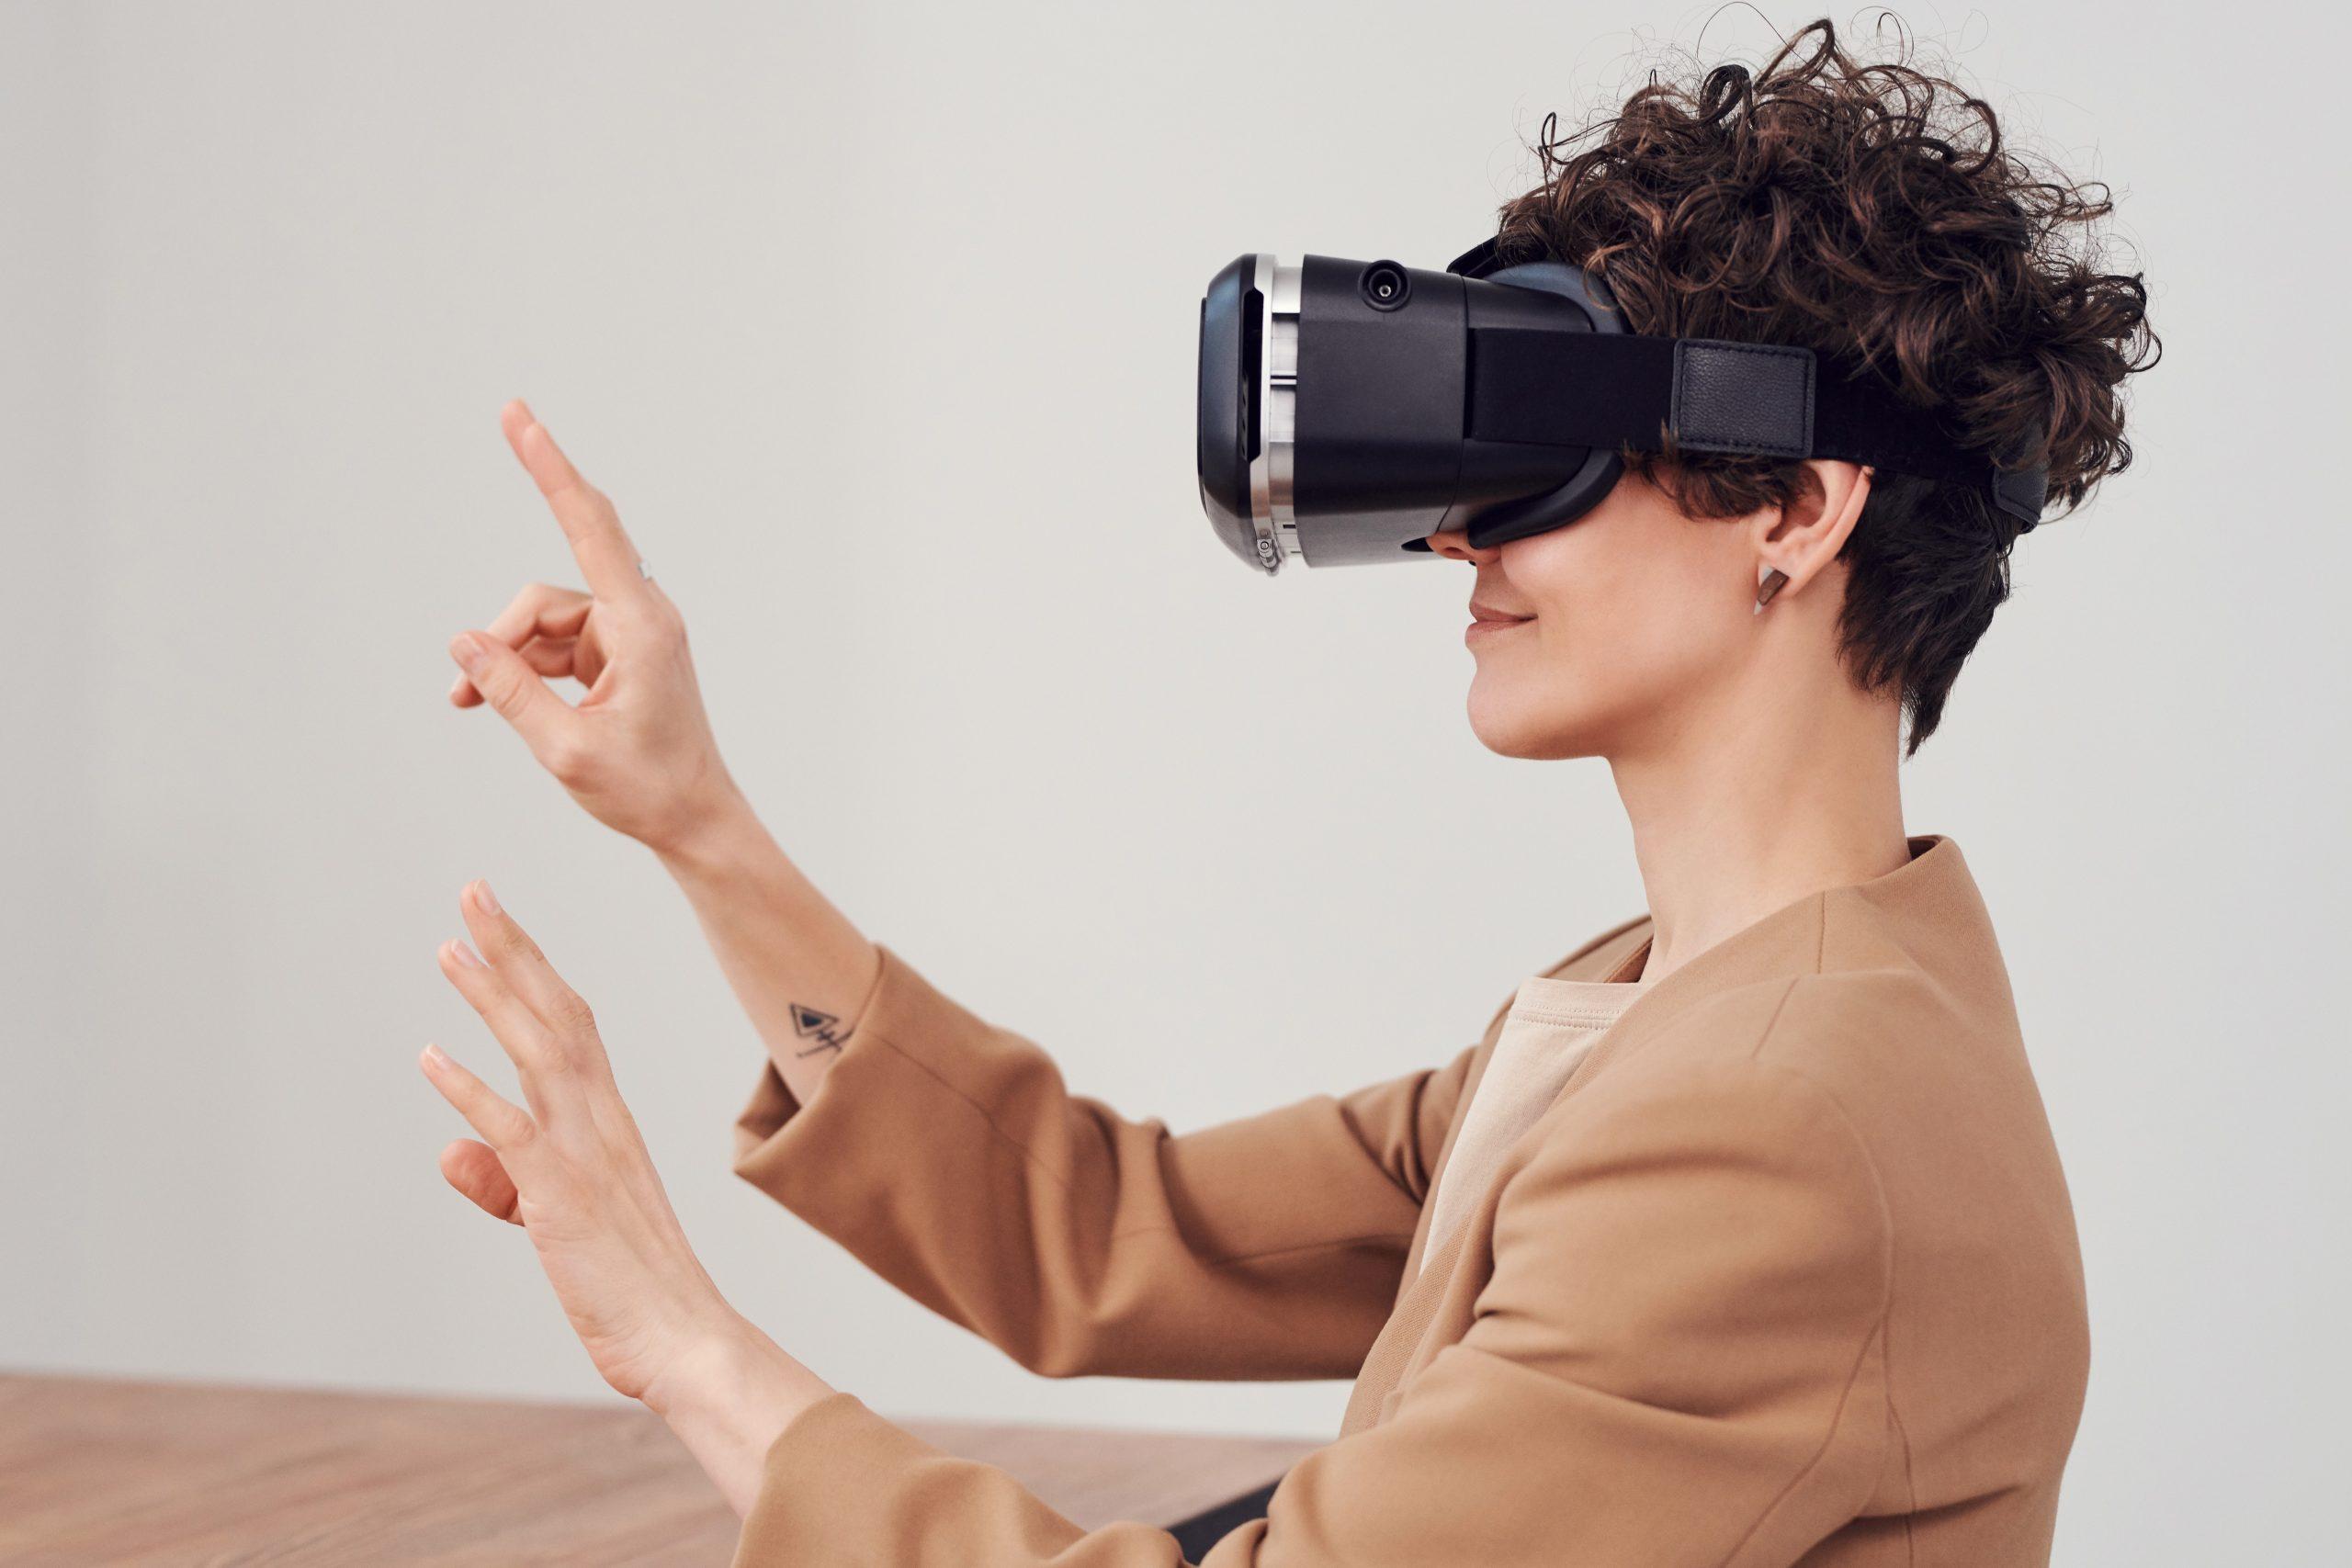 В Пироговском Центре будут снимать боль с помощью VR-технологий